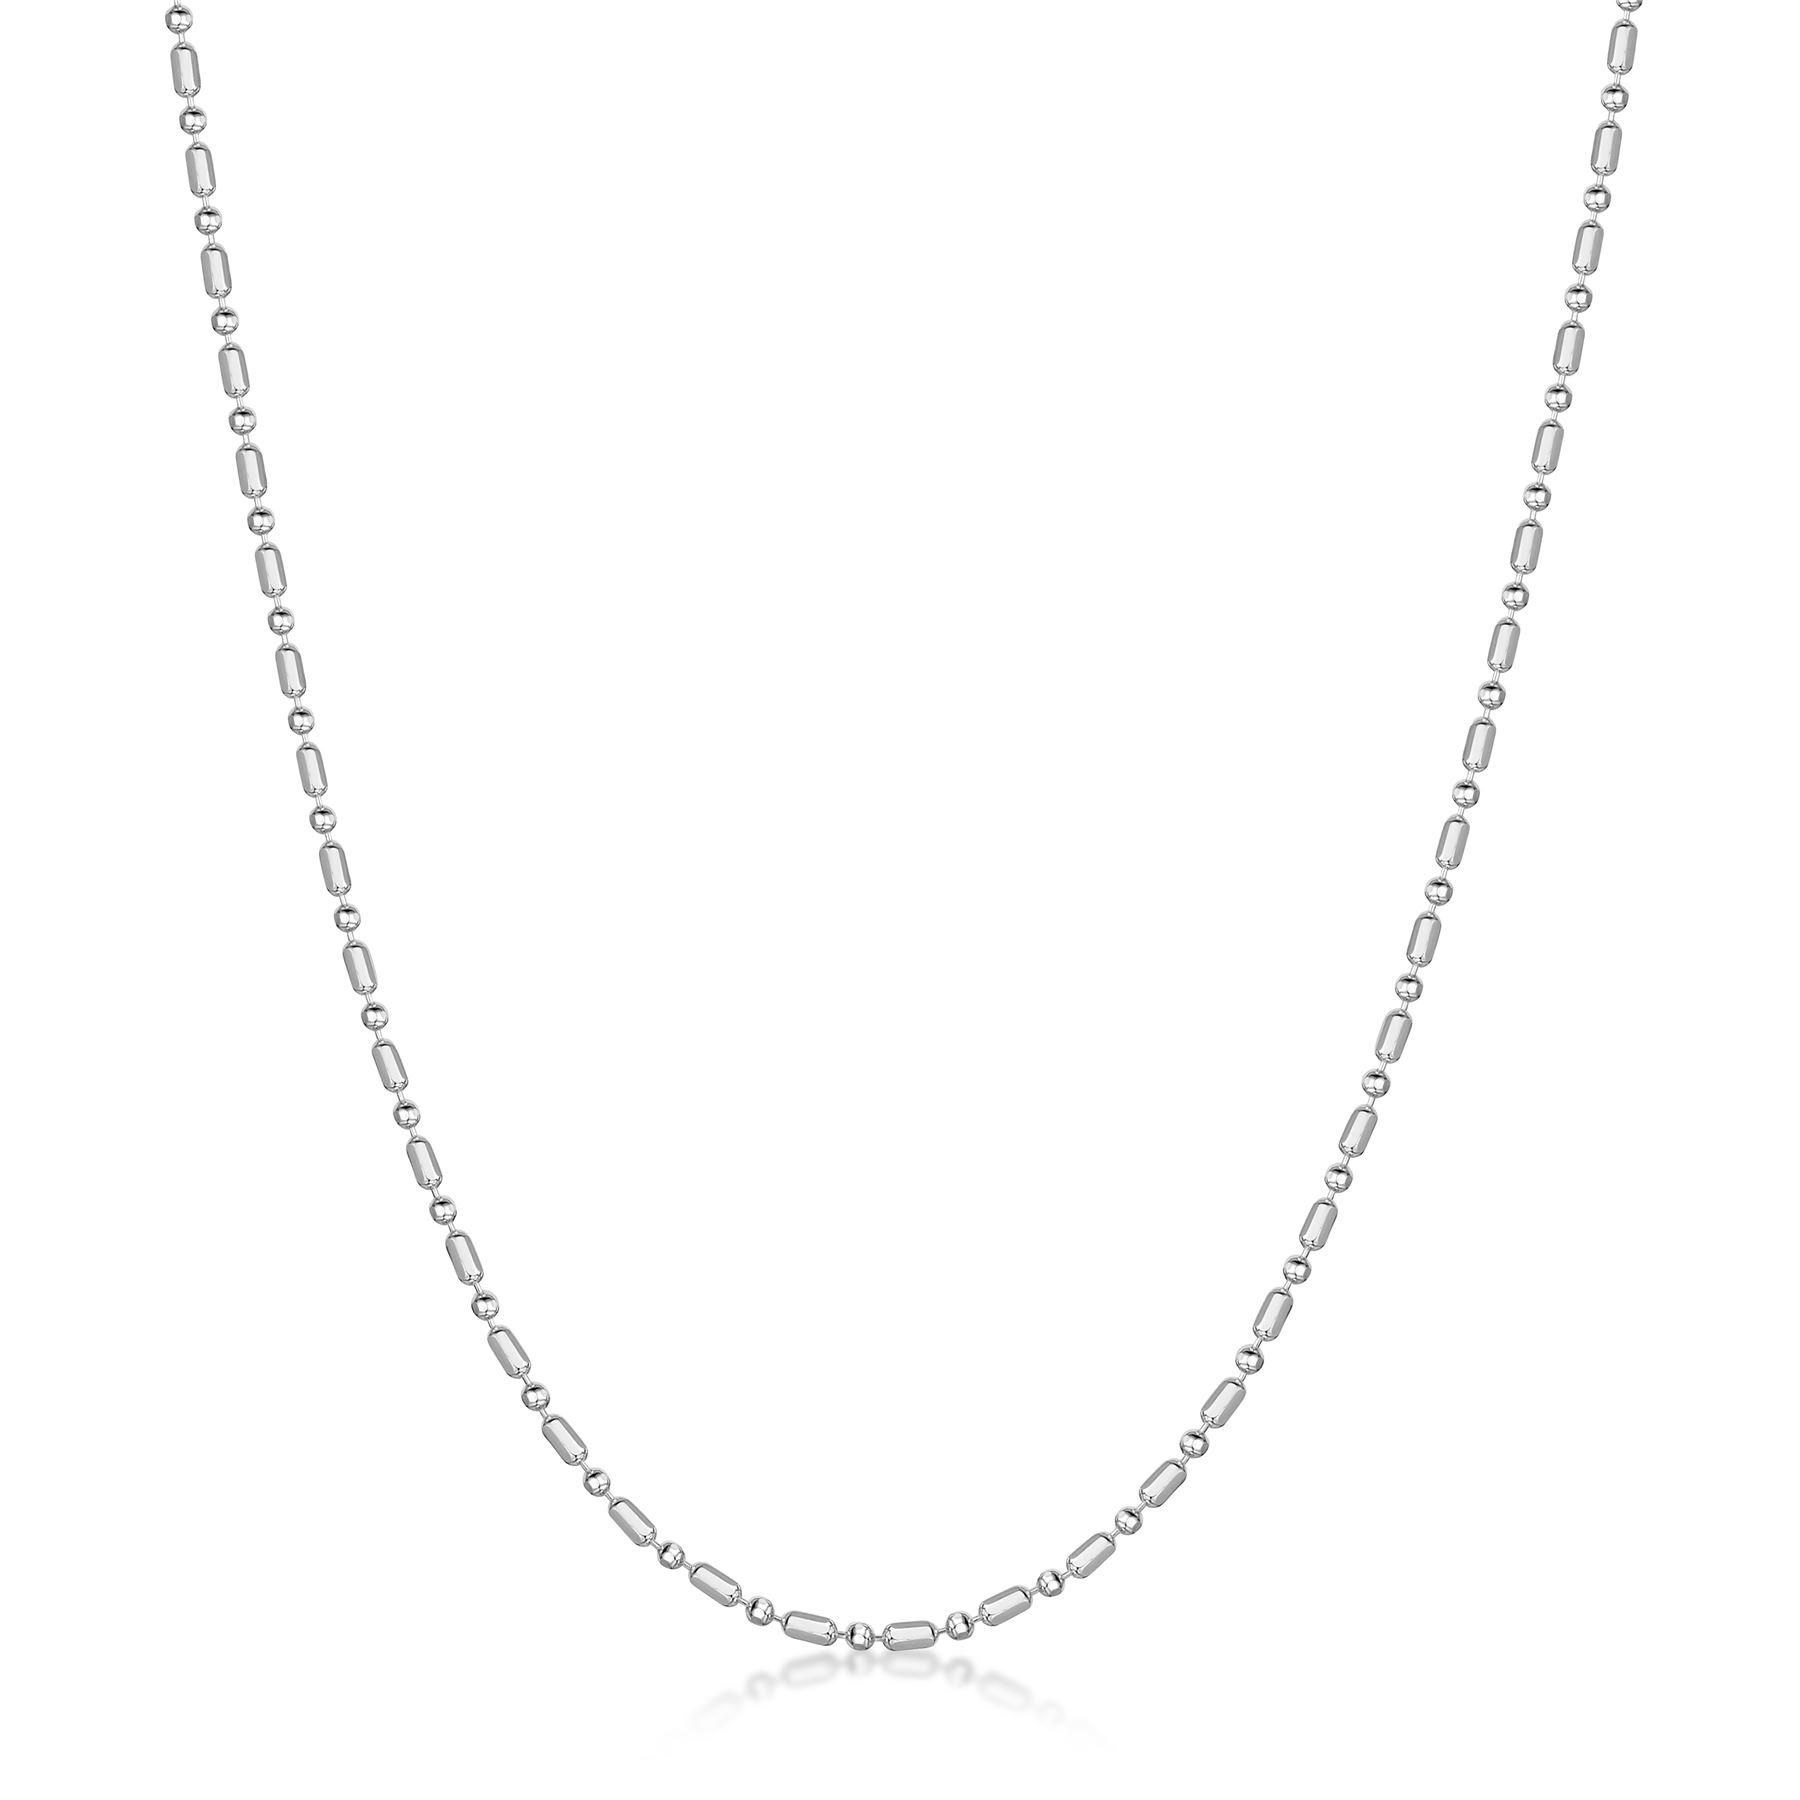 Amberta-Collar-en-Plata-De-Ley-925-Autentica-Cadena-para-Mujer-y-Hombre-Italiana miniatura 37